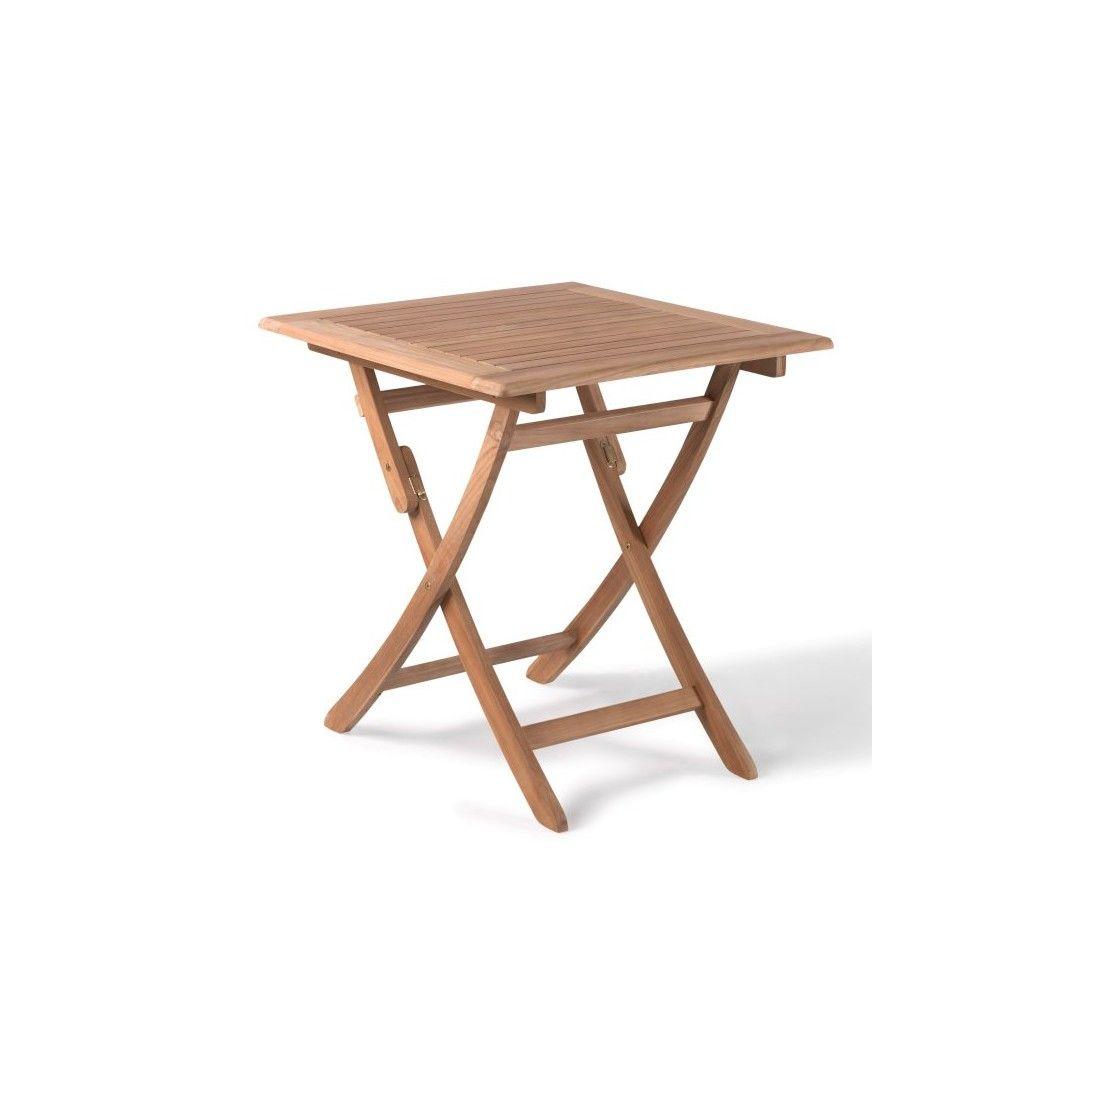 Petite table carrée 70 cm pliante en teck massif, Avignon